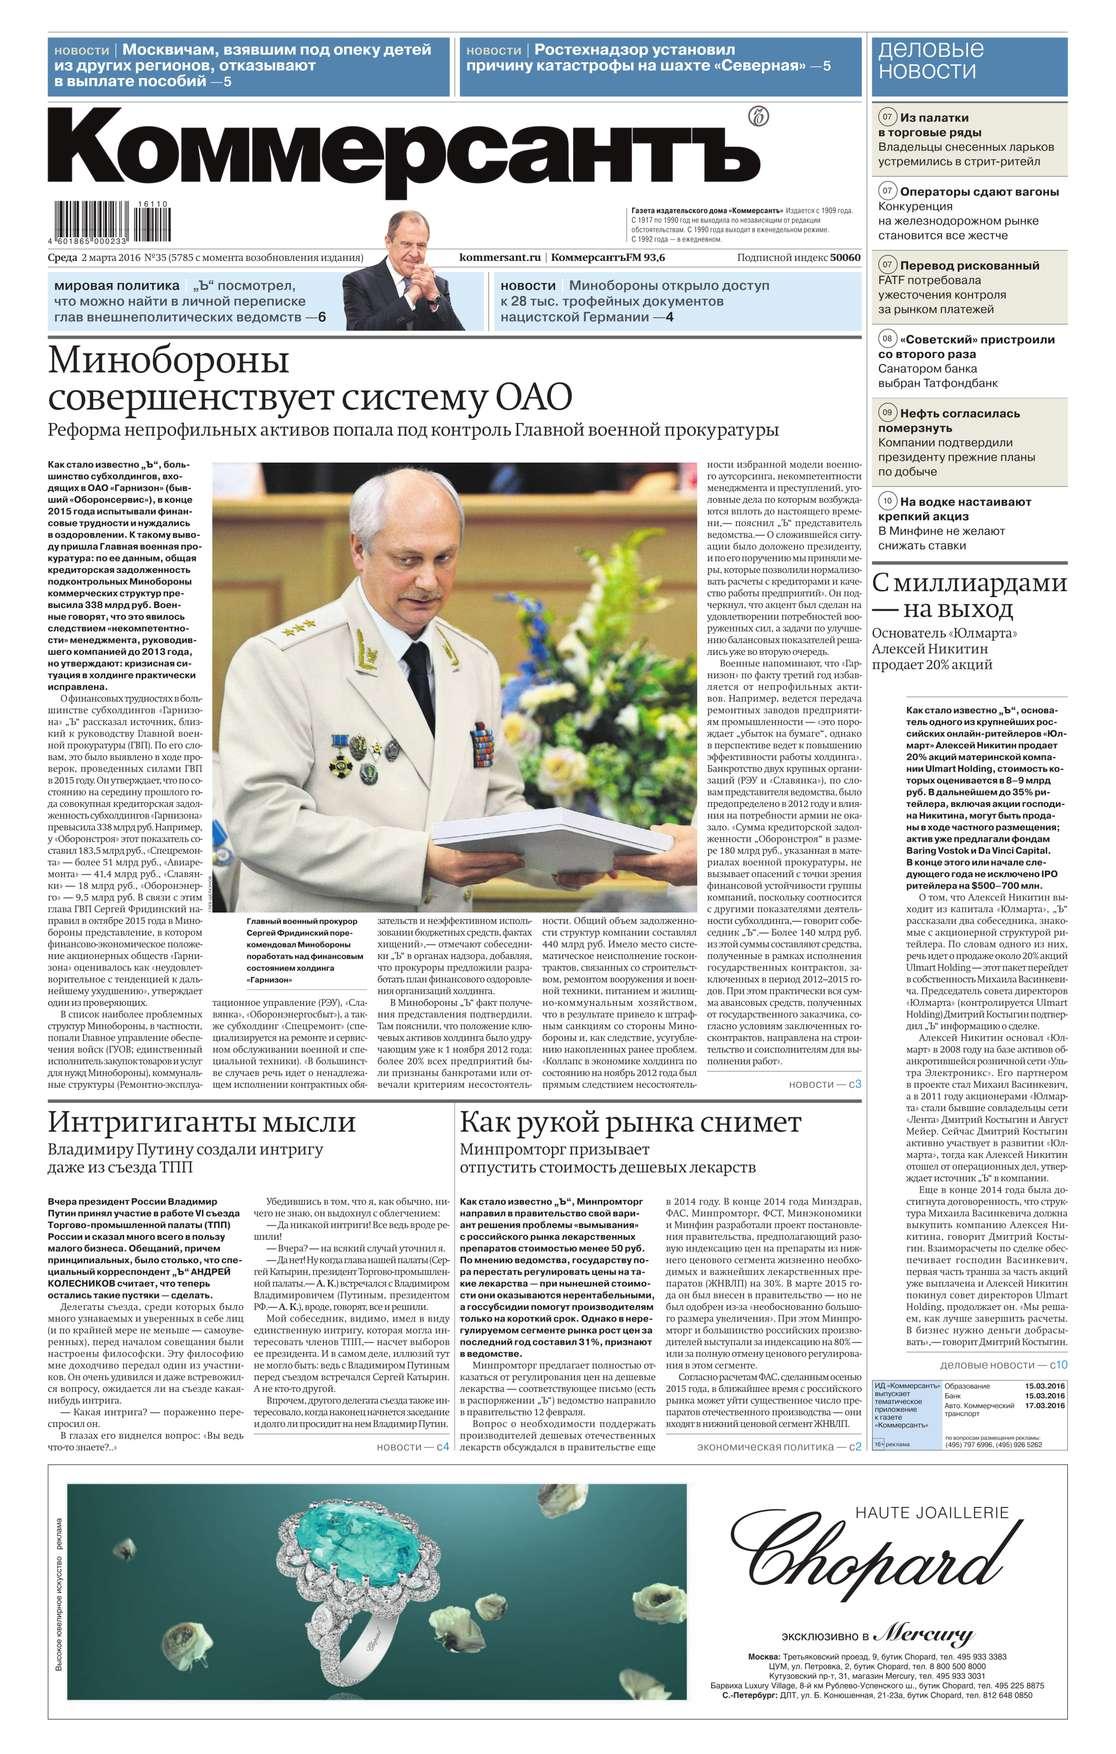 Редакция газеты Коммерсантъ (понедельник-пятница) КоммерсантЪ (понедельник-пятница) 35-2016